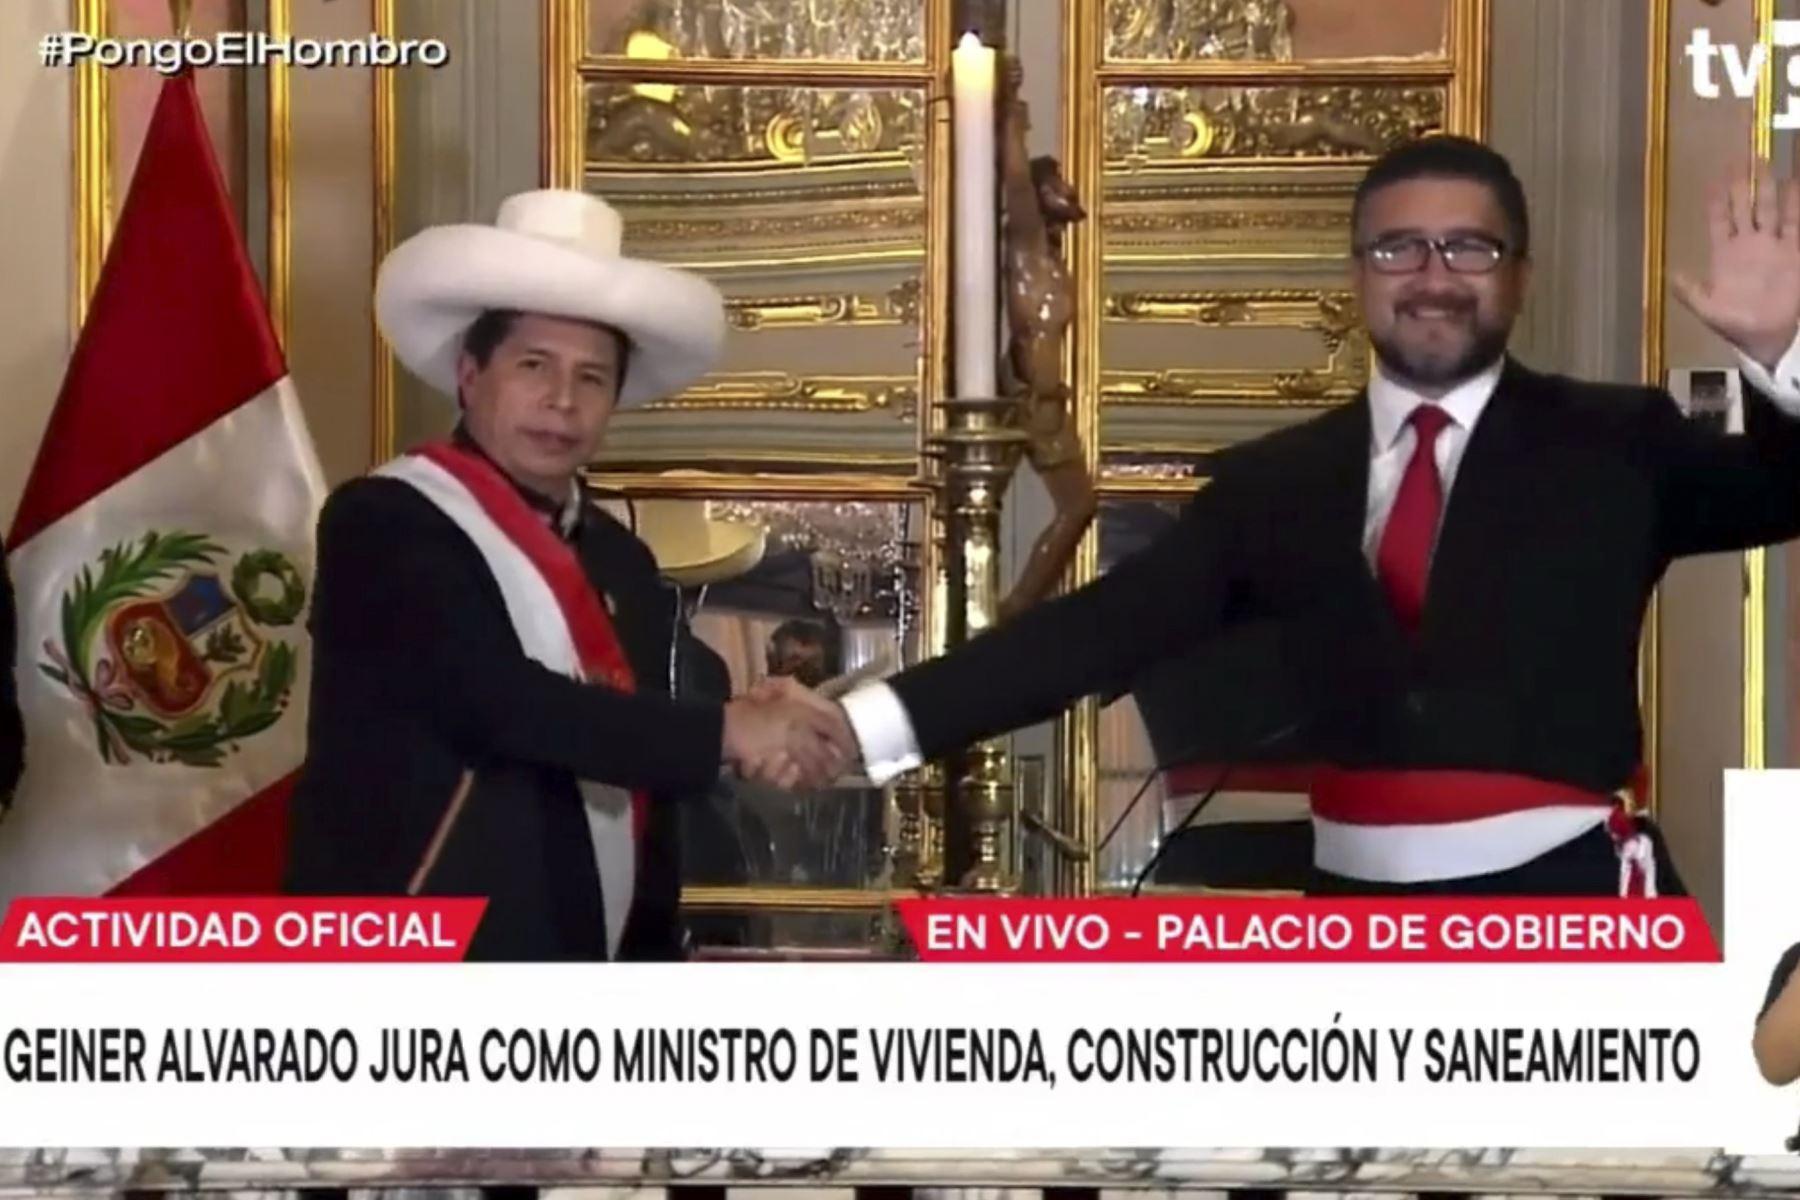 Geiner Alvarado jura como ministro de Vivienda, Construcción y Saneamiento